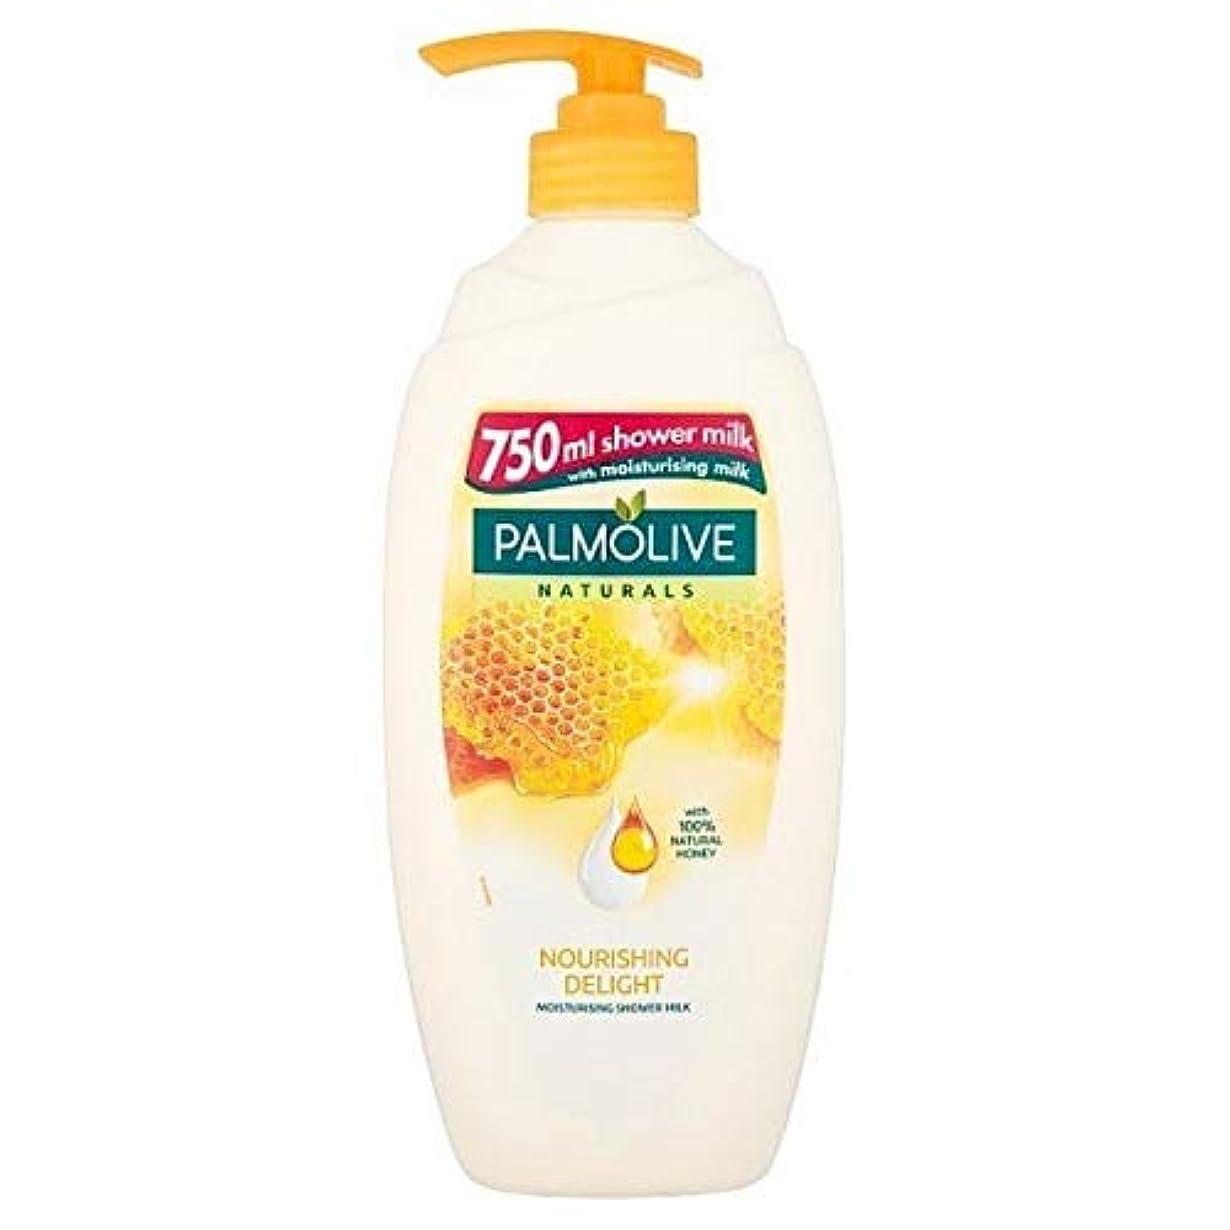 ジョリー覚醒見習い[Palmolive ] パルモライブナチュラルミルク&ハニーシャワージェルクリーム750ミリリットル - Palmolive Naturals Milk & Honey Shower Gel Cream 750ml [並行輸入品]